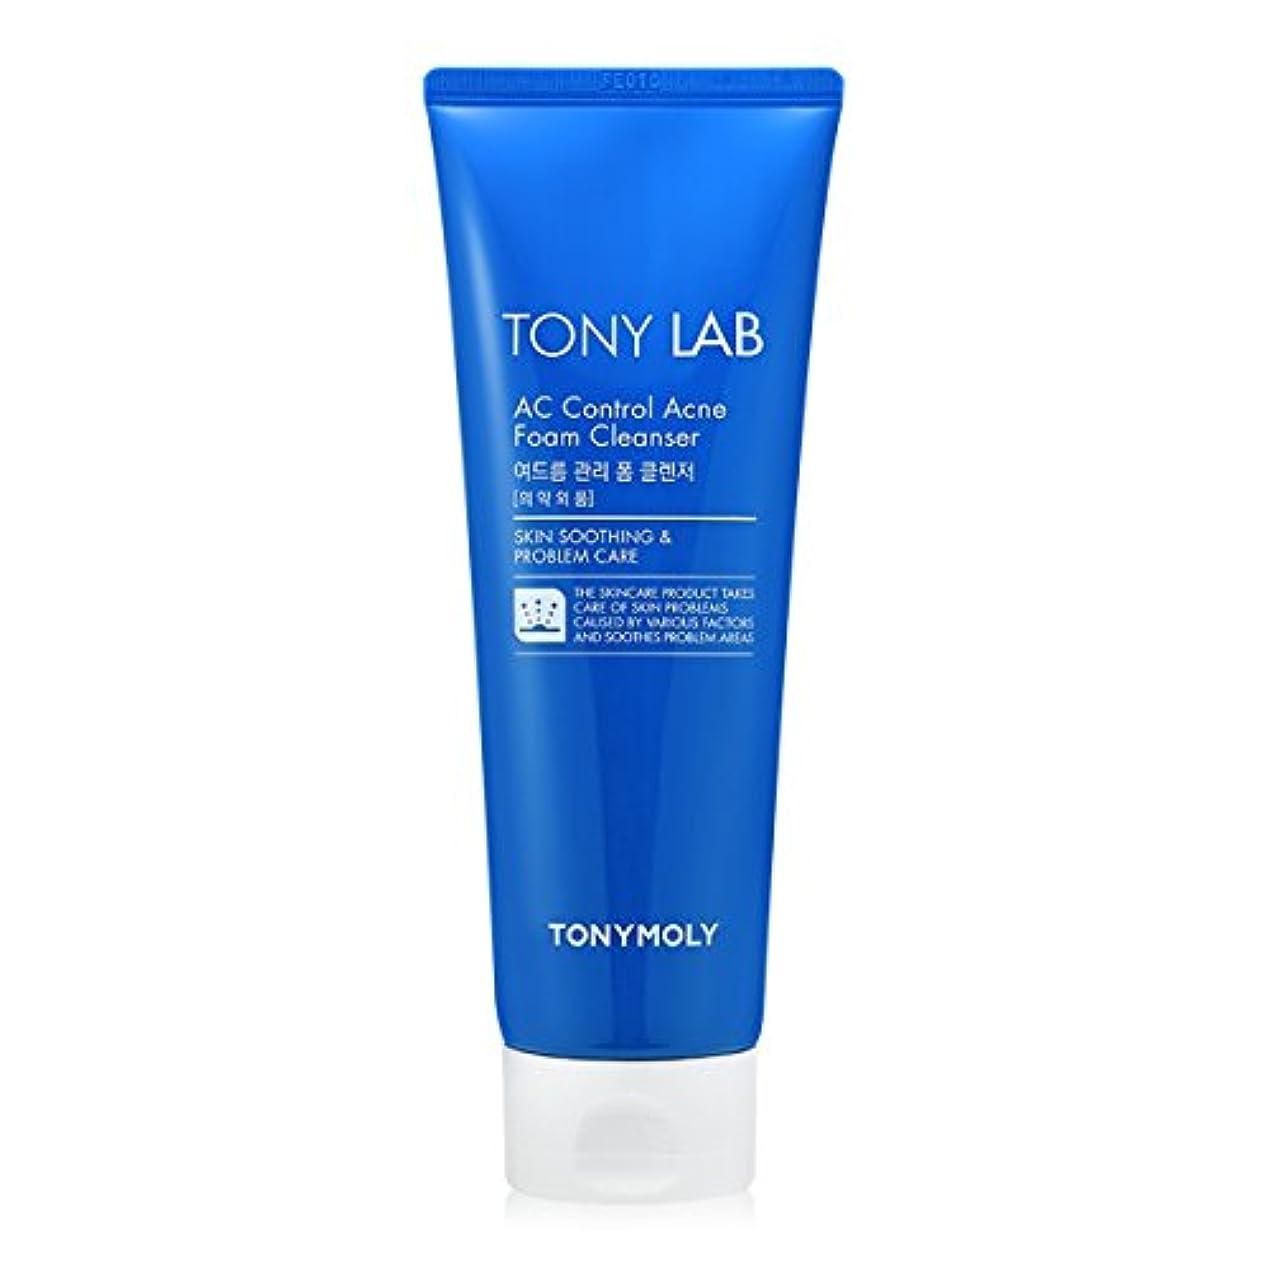 滅びる種をまく流暢[New] TONYMOLY Tony Lab AC Control Acne Foam Cleanser 150ml/トニーモリー トニー ラボ AC コントロール アクネ フォーム クレンザー 150ml [並行輸入品]